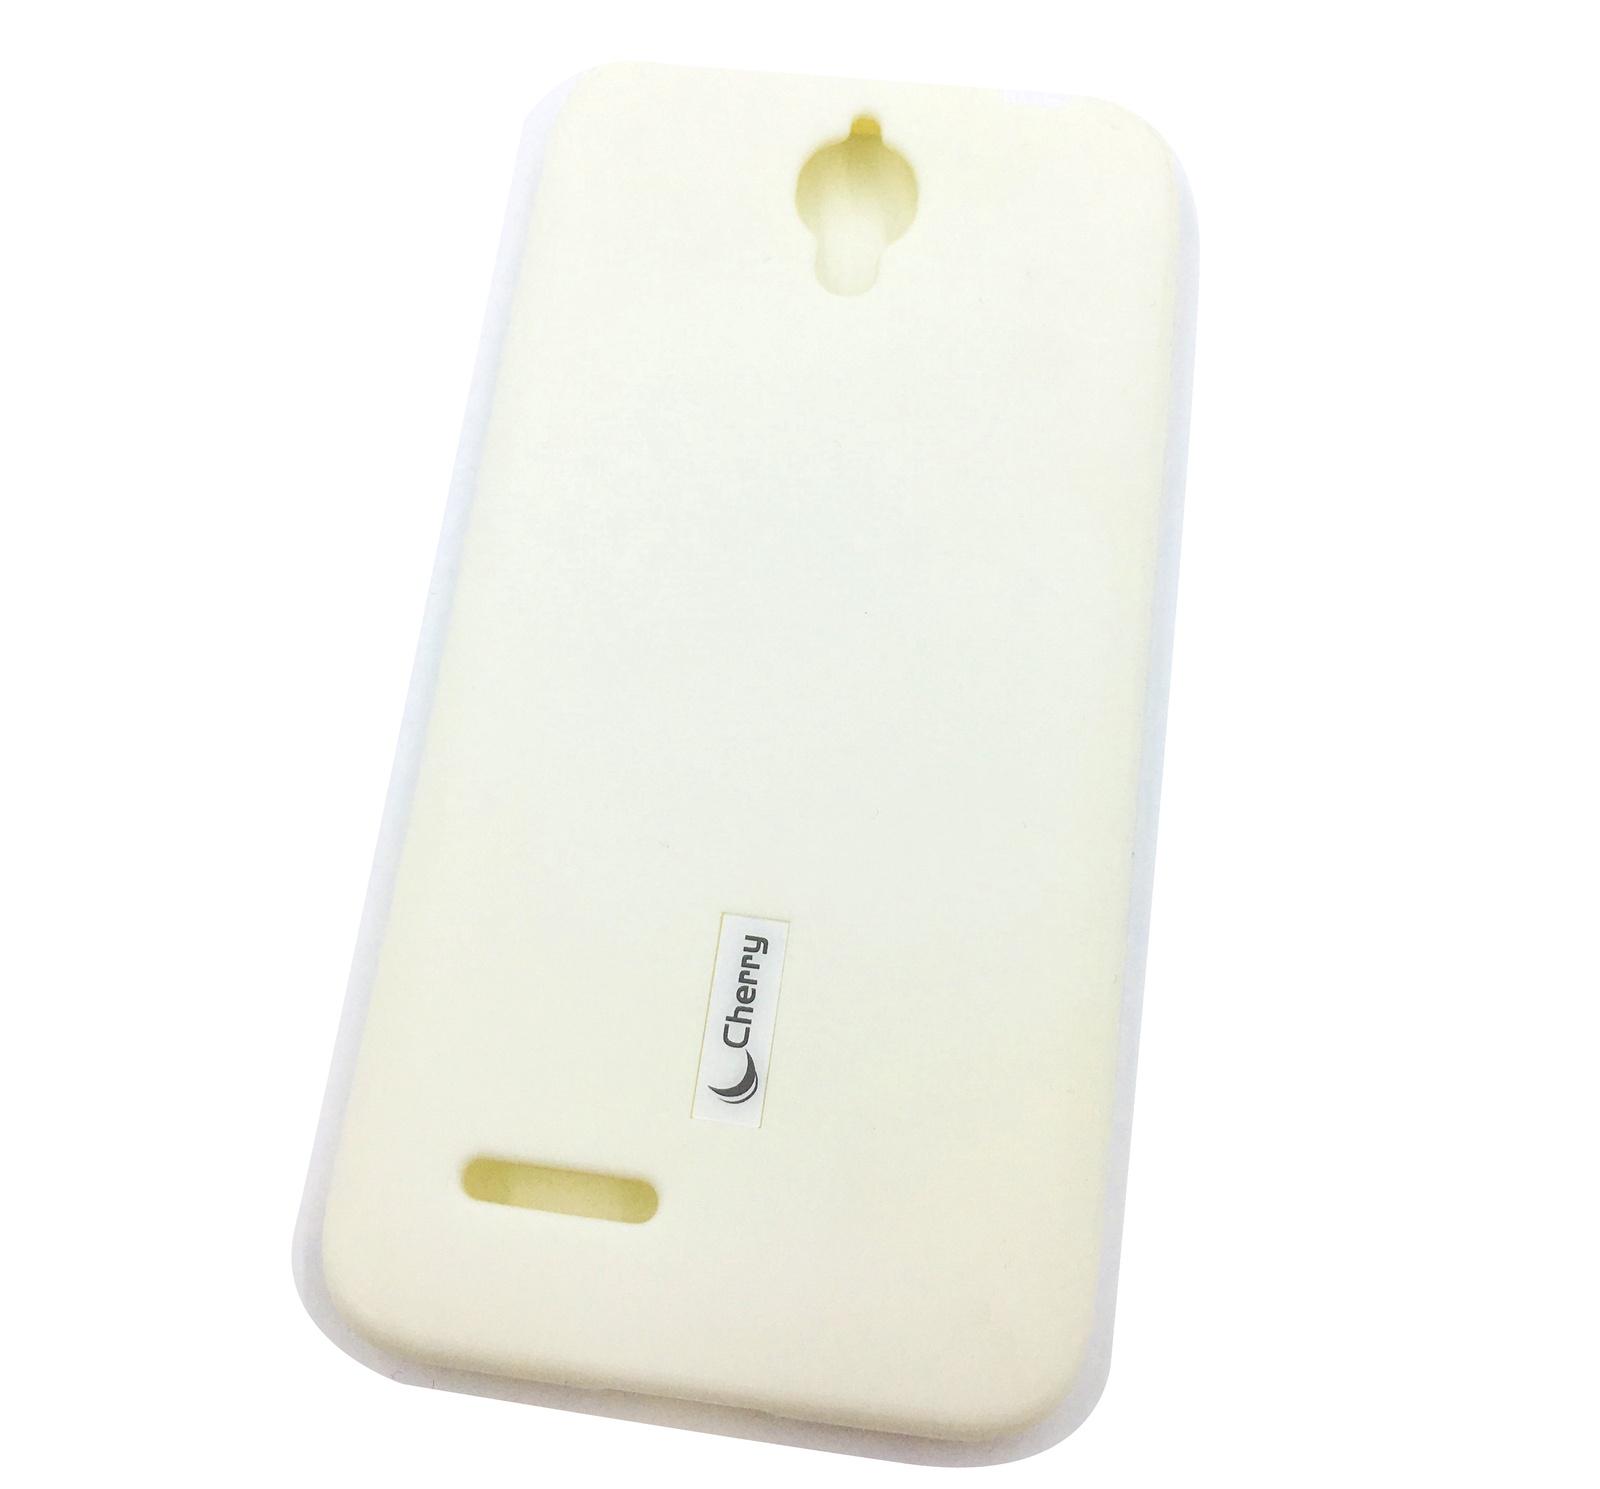 Чехол для сотового телефона Cherry Alcatel OT6016D/idol 2 mini Накладка резиновая с пленкой на экран, белый ударопрочное стекло для alcatel 6014x idol 2 mini l ainy 0 33 мм